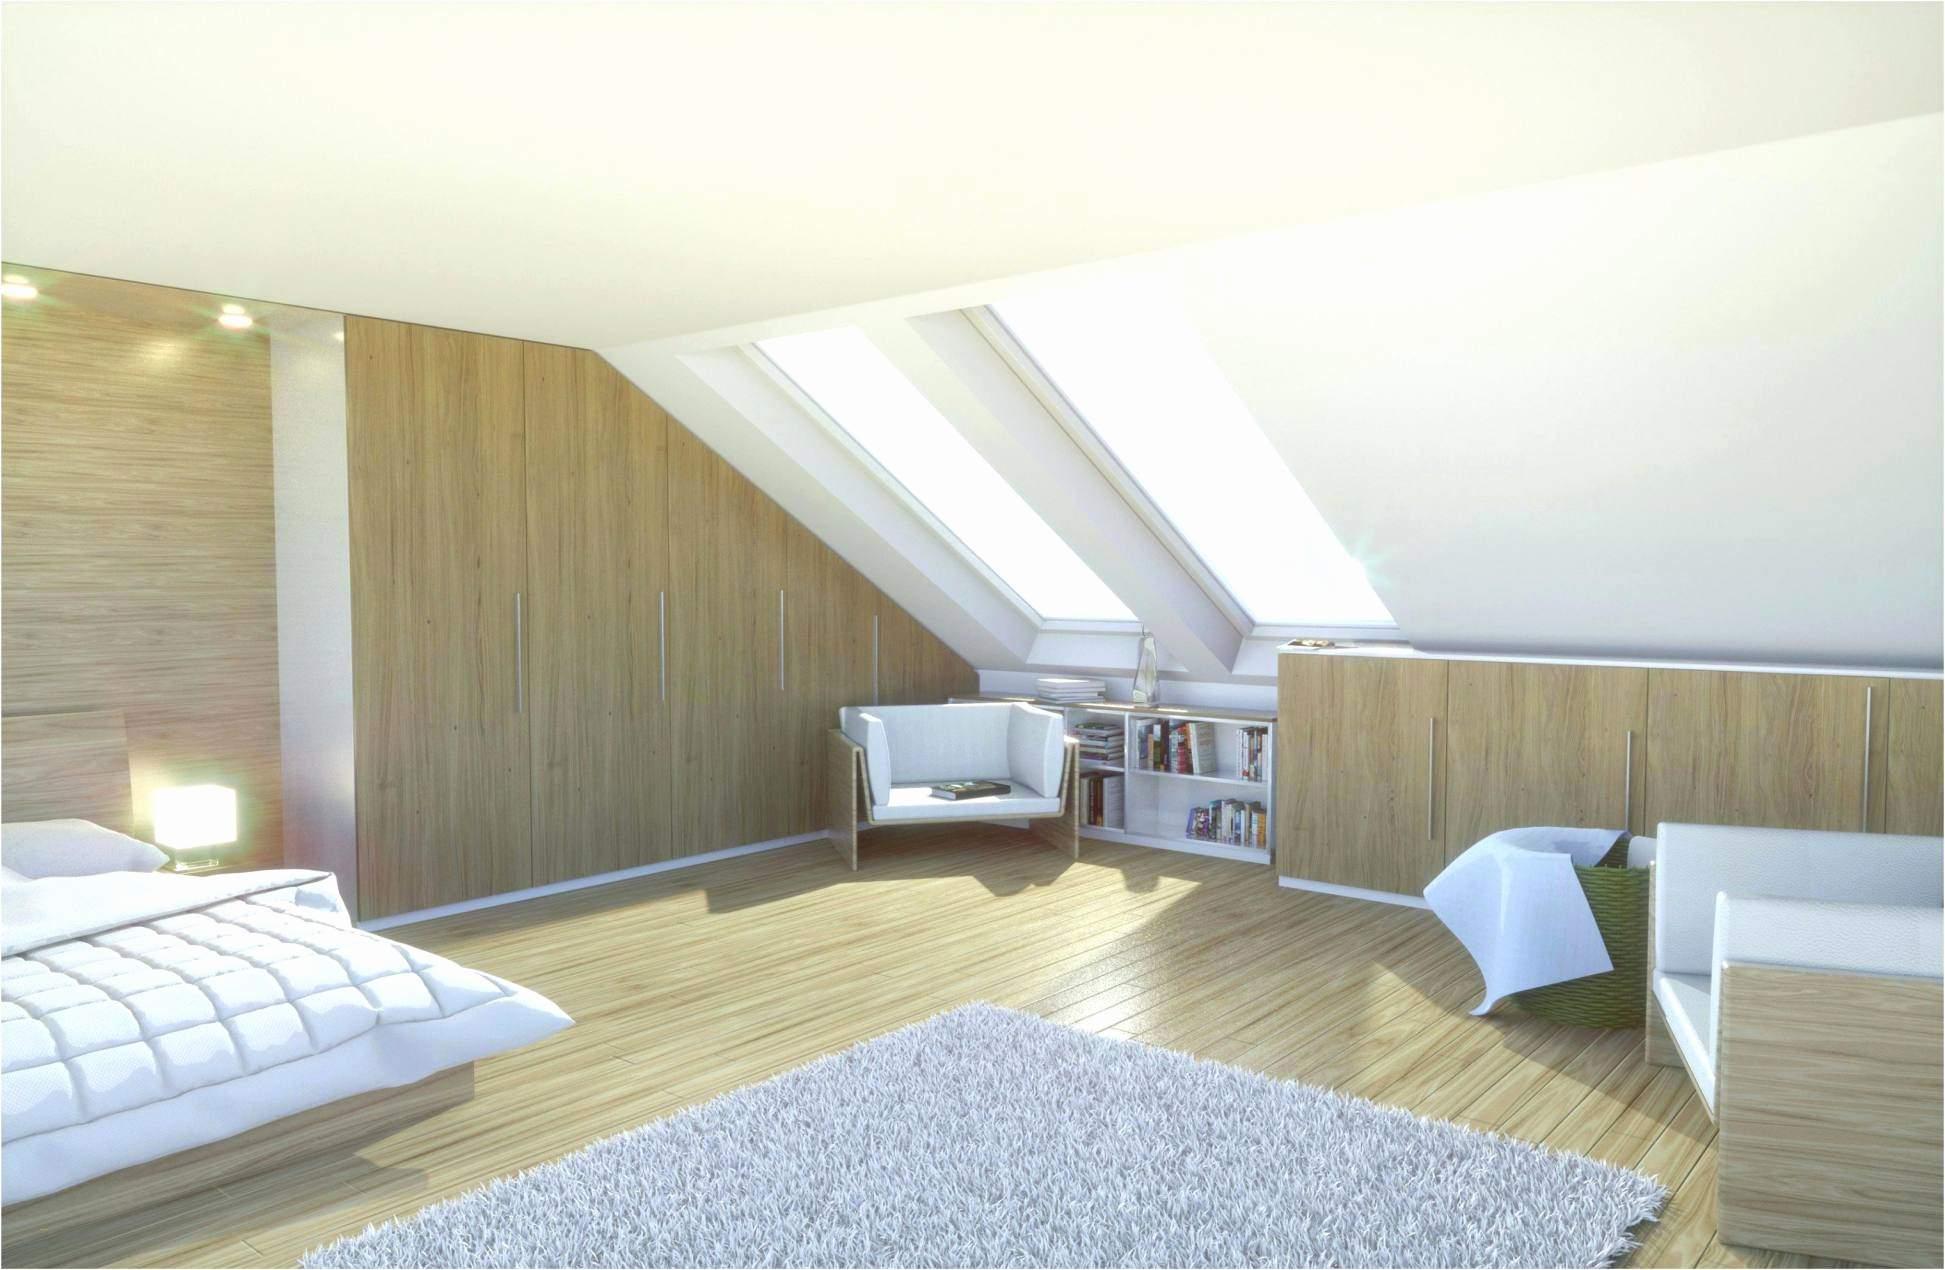 Full Size of Ikea Einrichtungsideen Wohnzimmer Inspirierend 46 Frisch Küche Hängeschrank Höhe Landhausküche Gebraucht Arbeitstisch Modulare Einhebelmischer Vorhänge Wohnzimmer Küche Einrichten Ideen